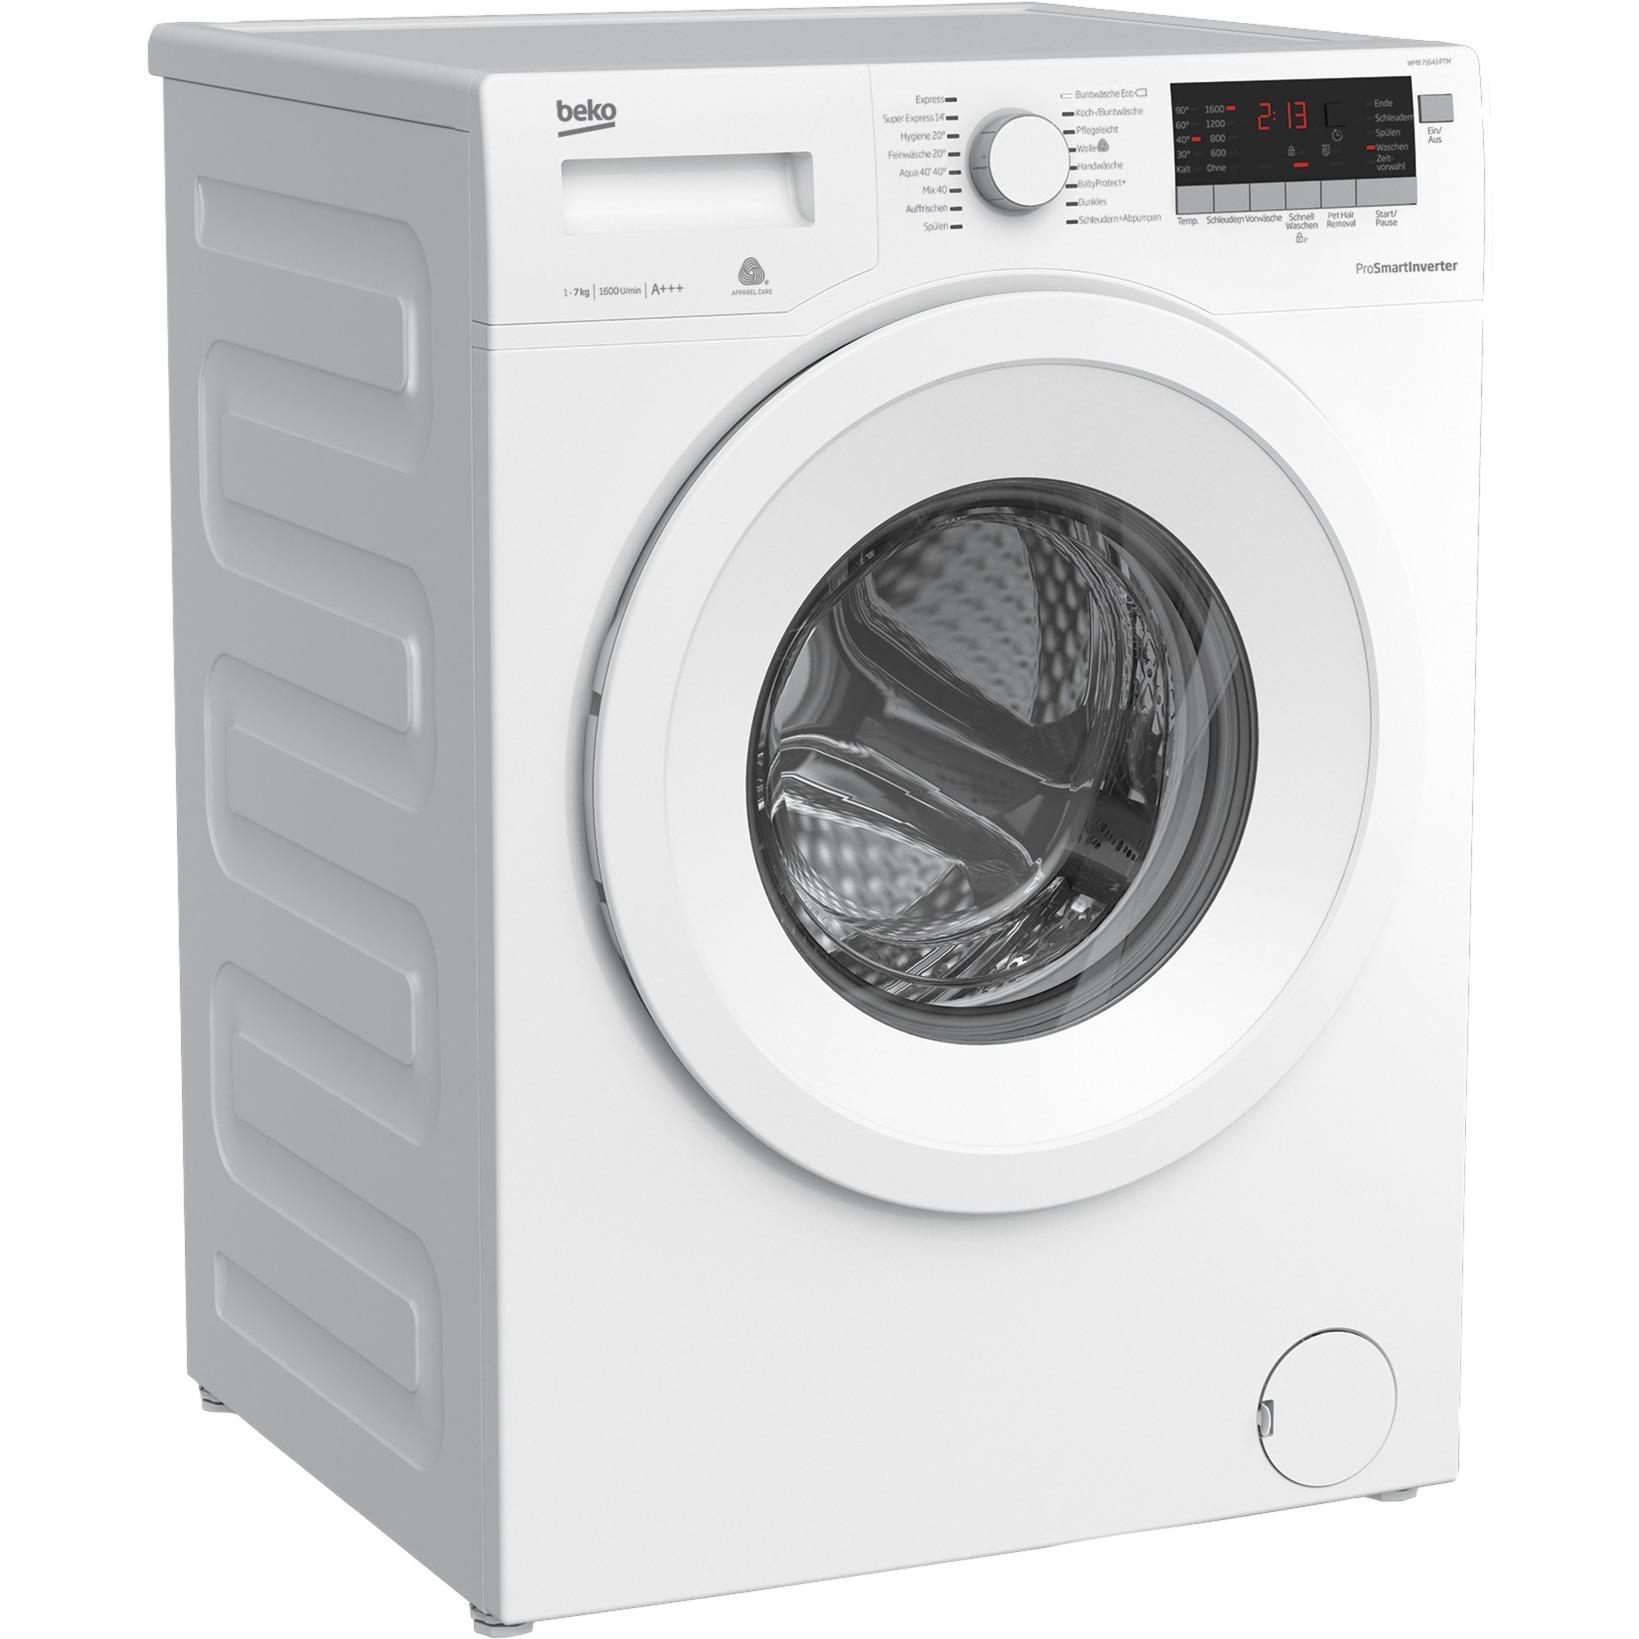 wmb 71643 ptm waschmaschine ab 319 00 eur im preisvergleich. Black Bedroom Furniture Sets. Home Design Ideas